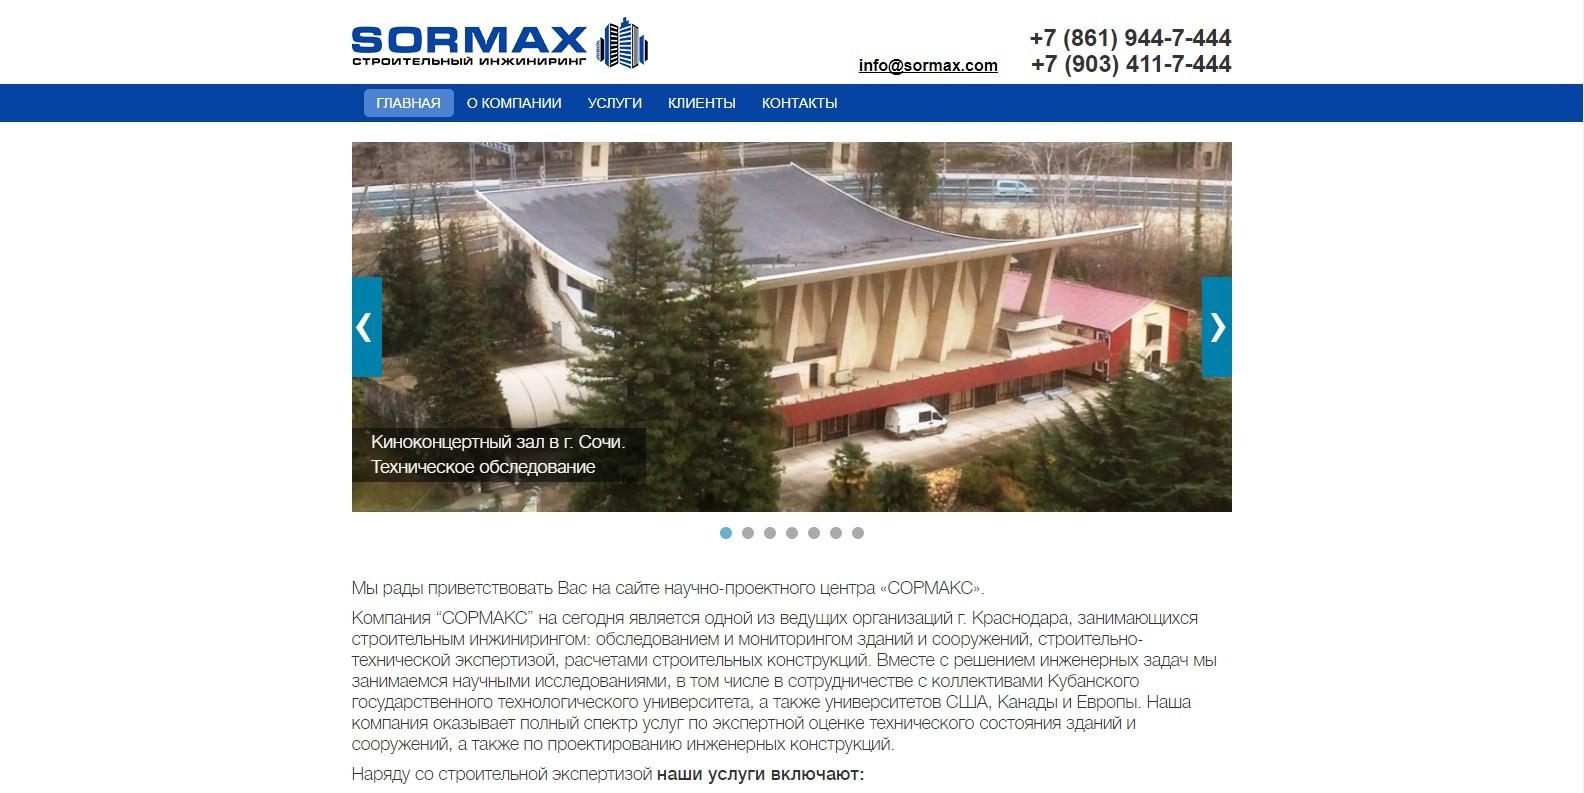 Sormax.com